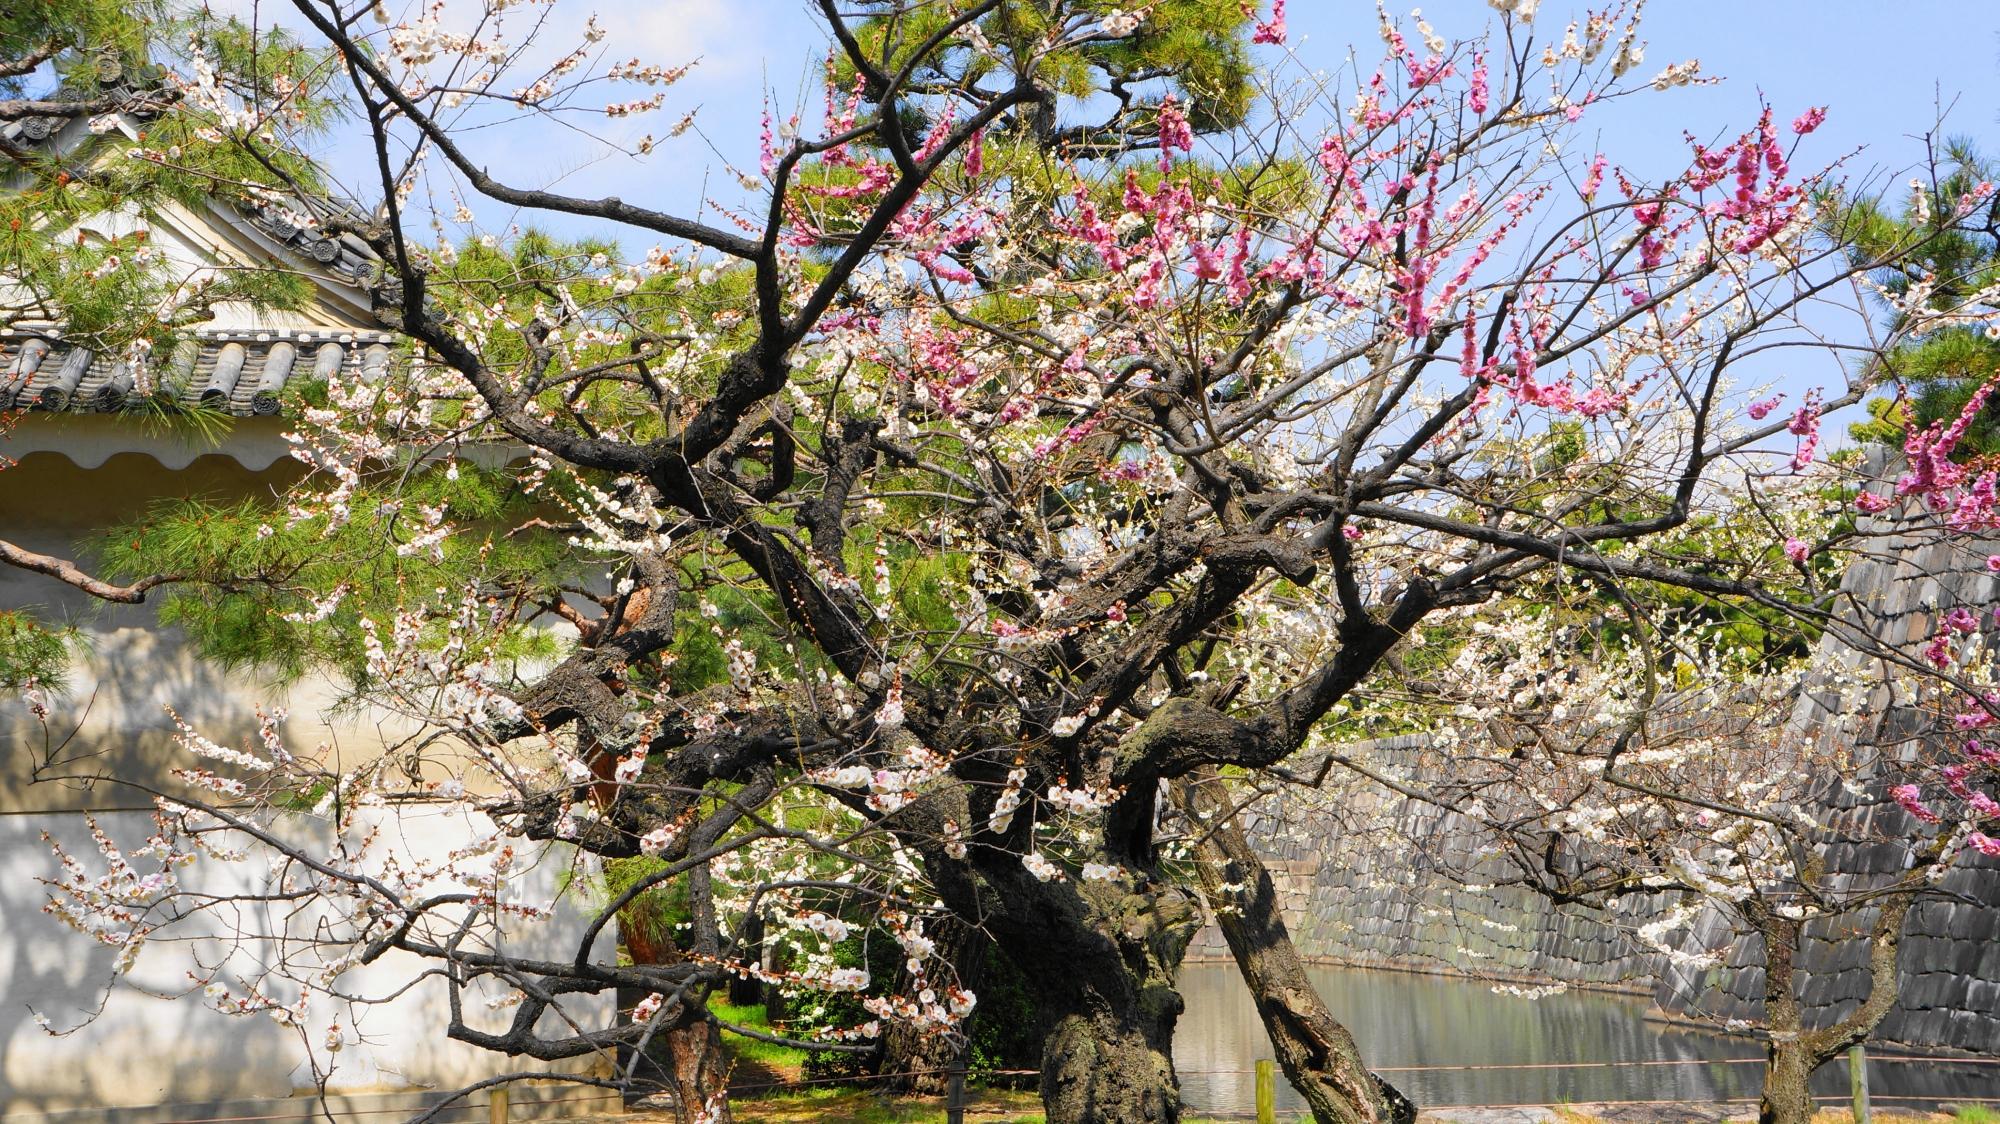 一本の木に紅白の花が咲く「源平咲き分け」の梅